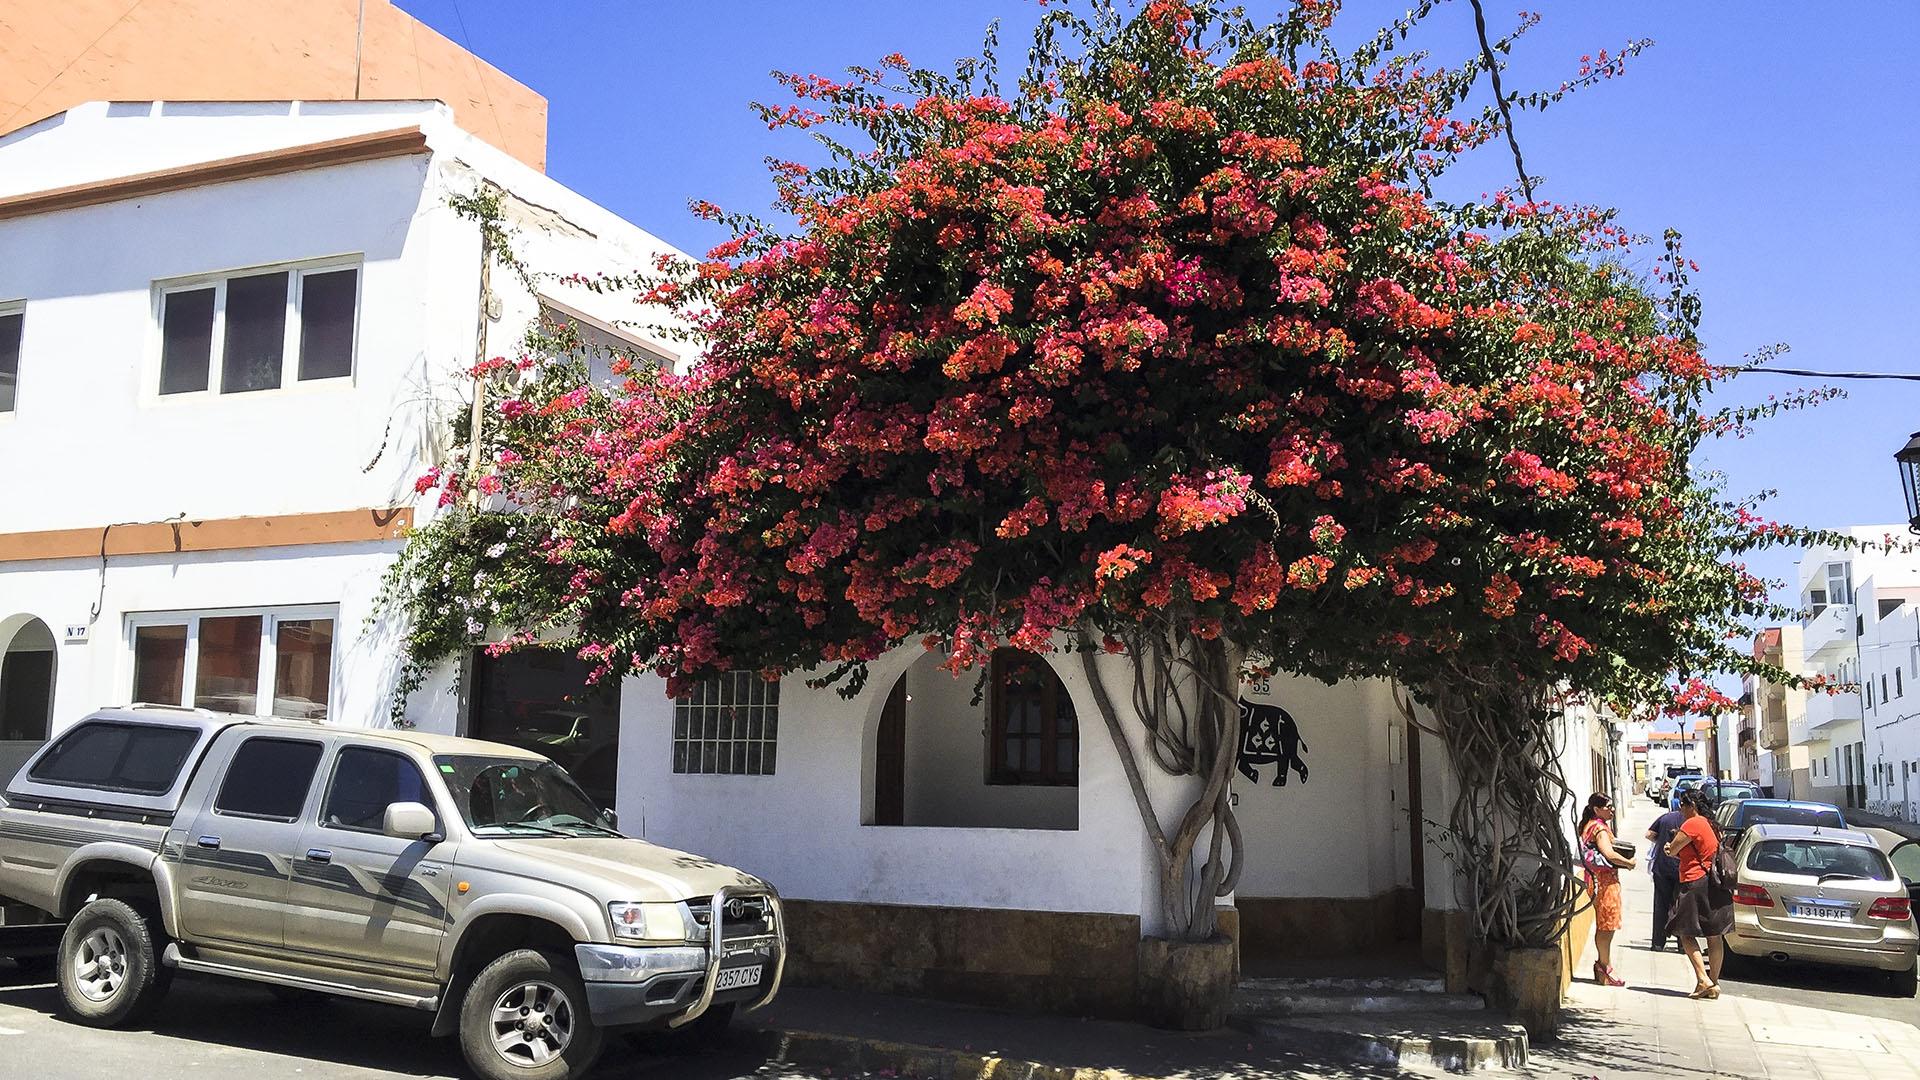 Der Ort Corralejo Fuertventura